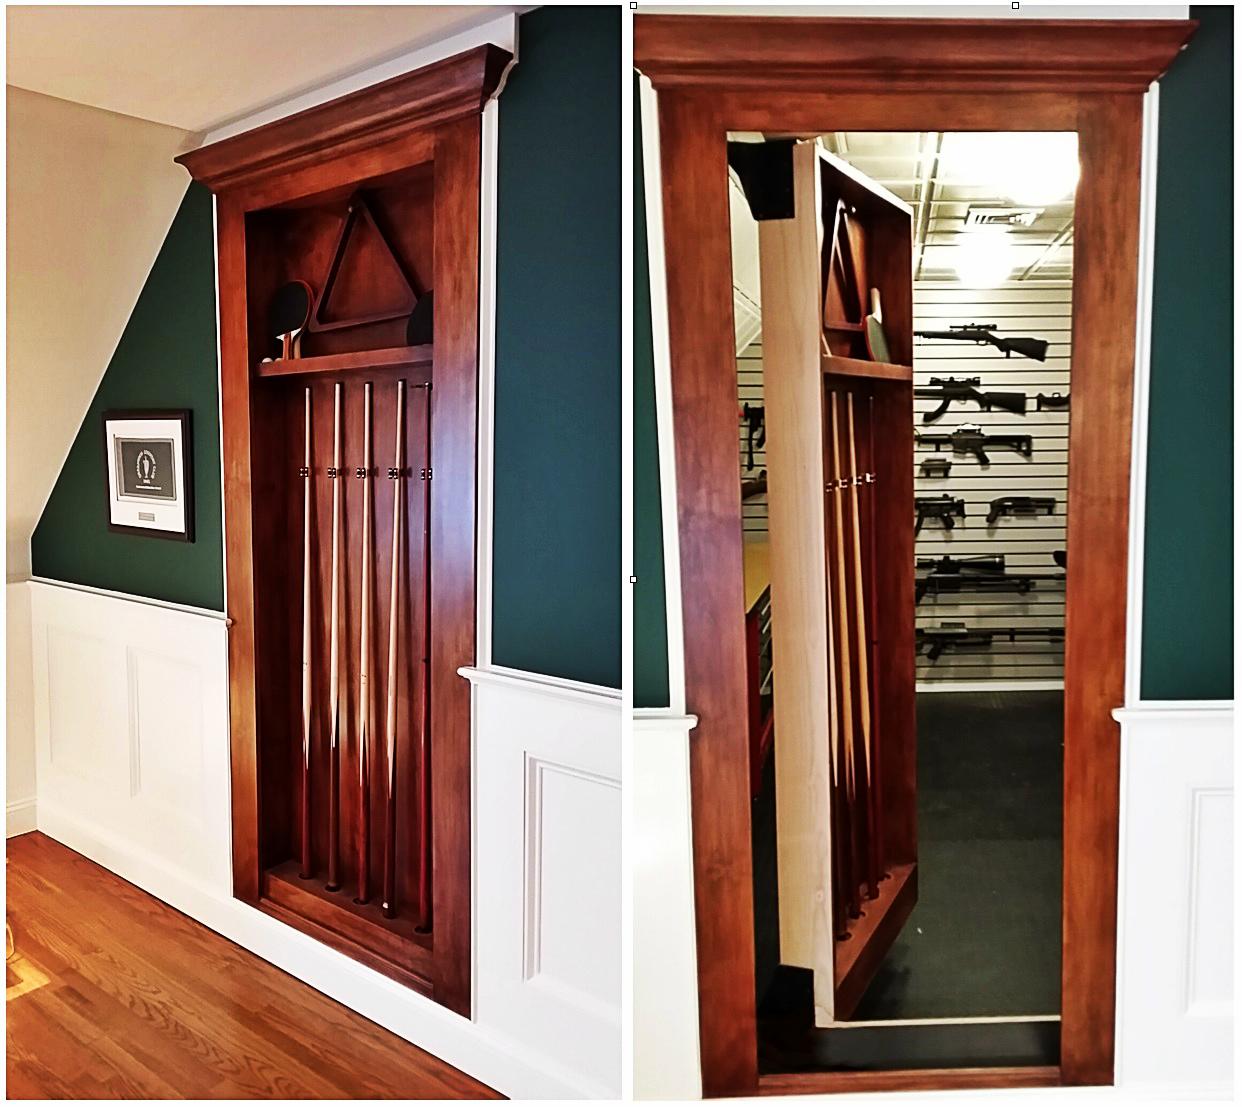 hidden-gun-safe-door - Creative Home Engineering